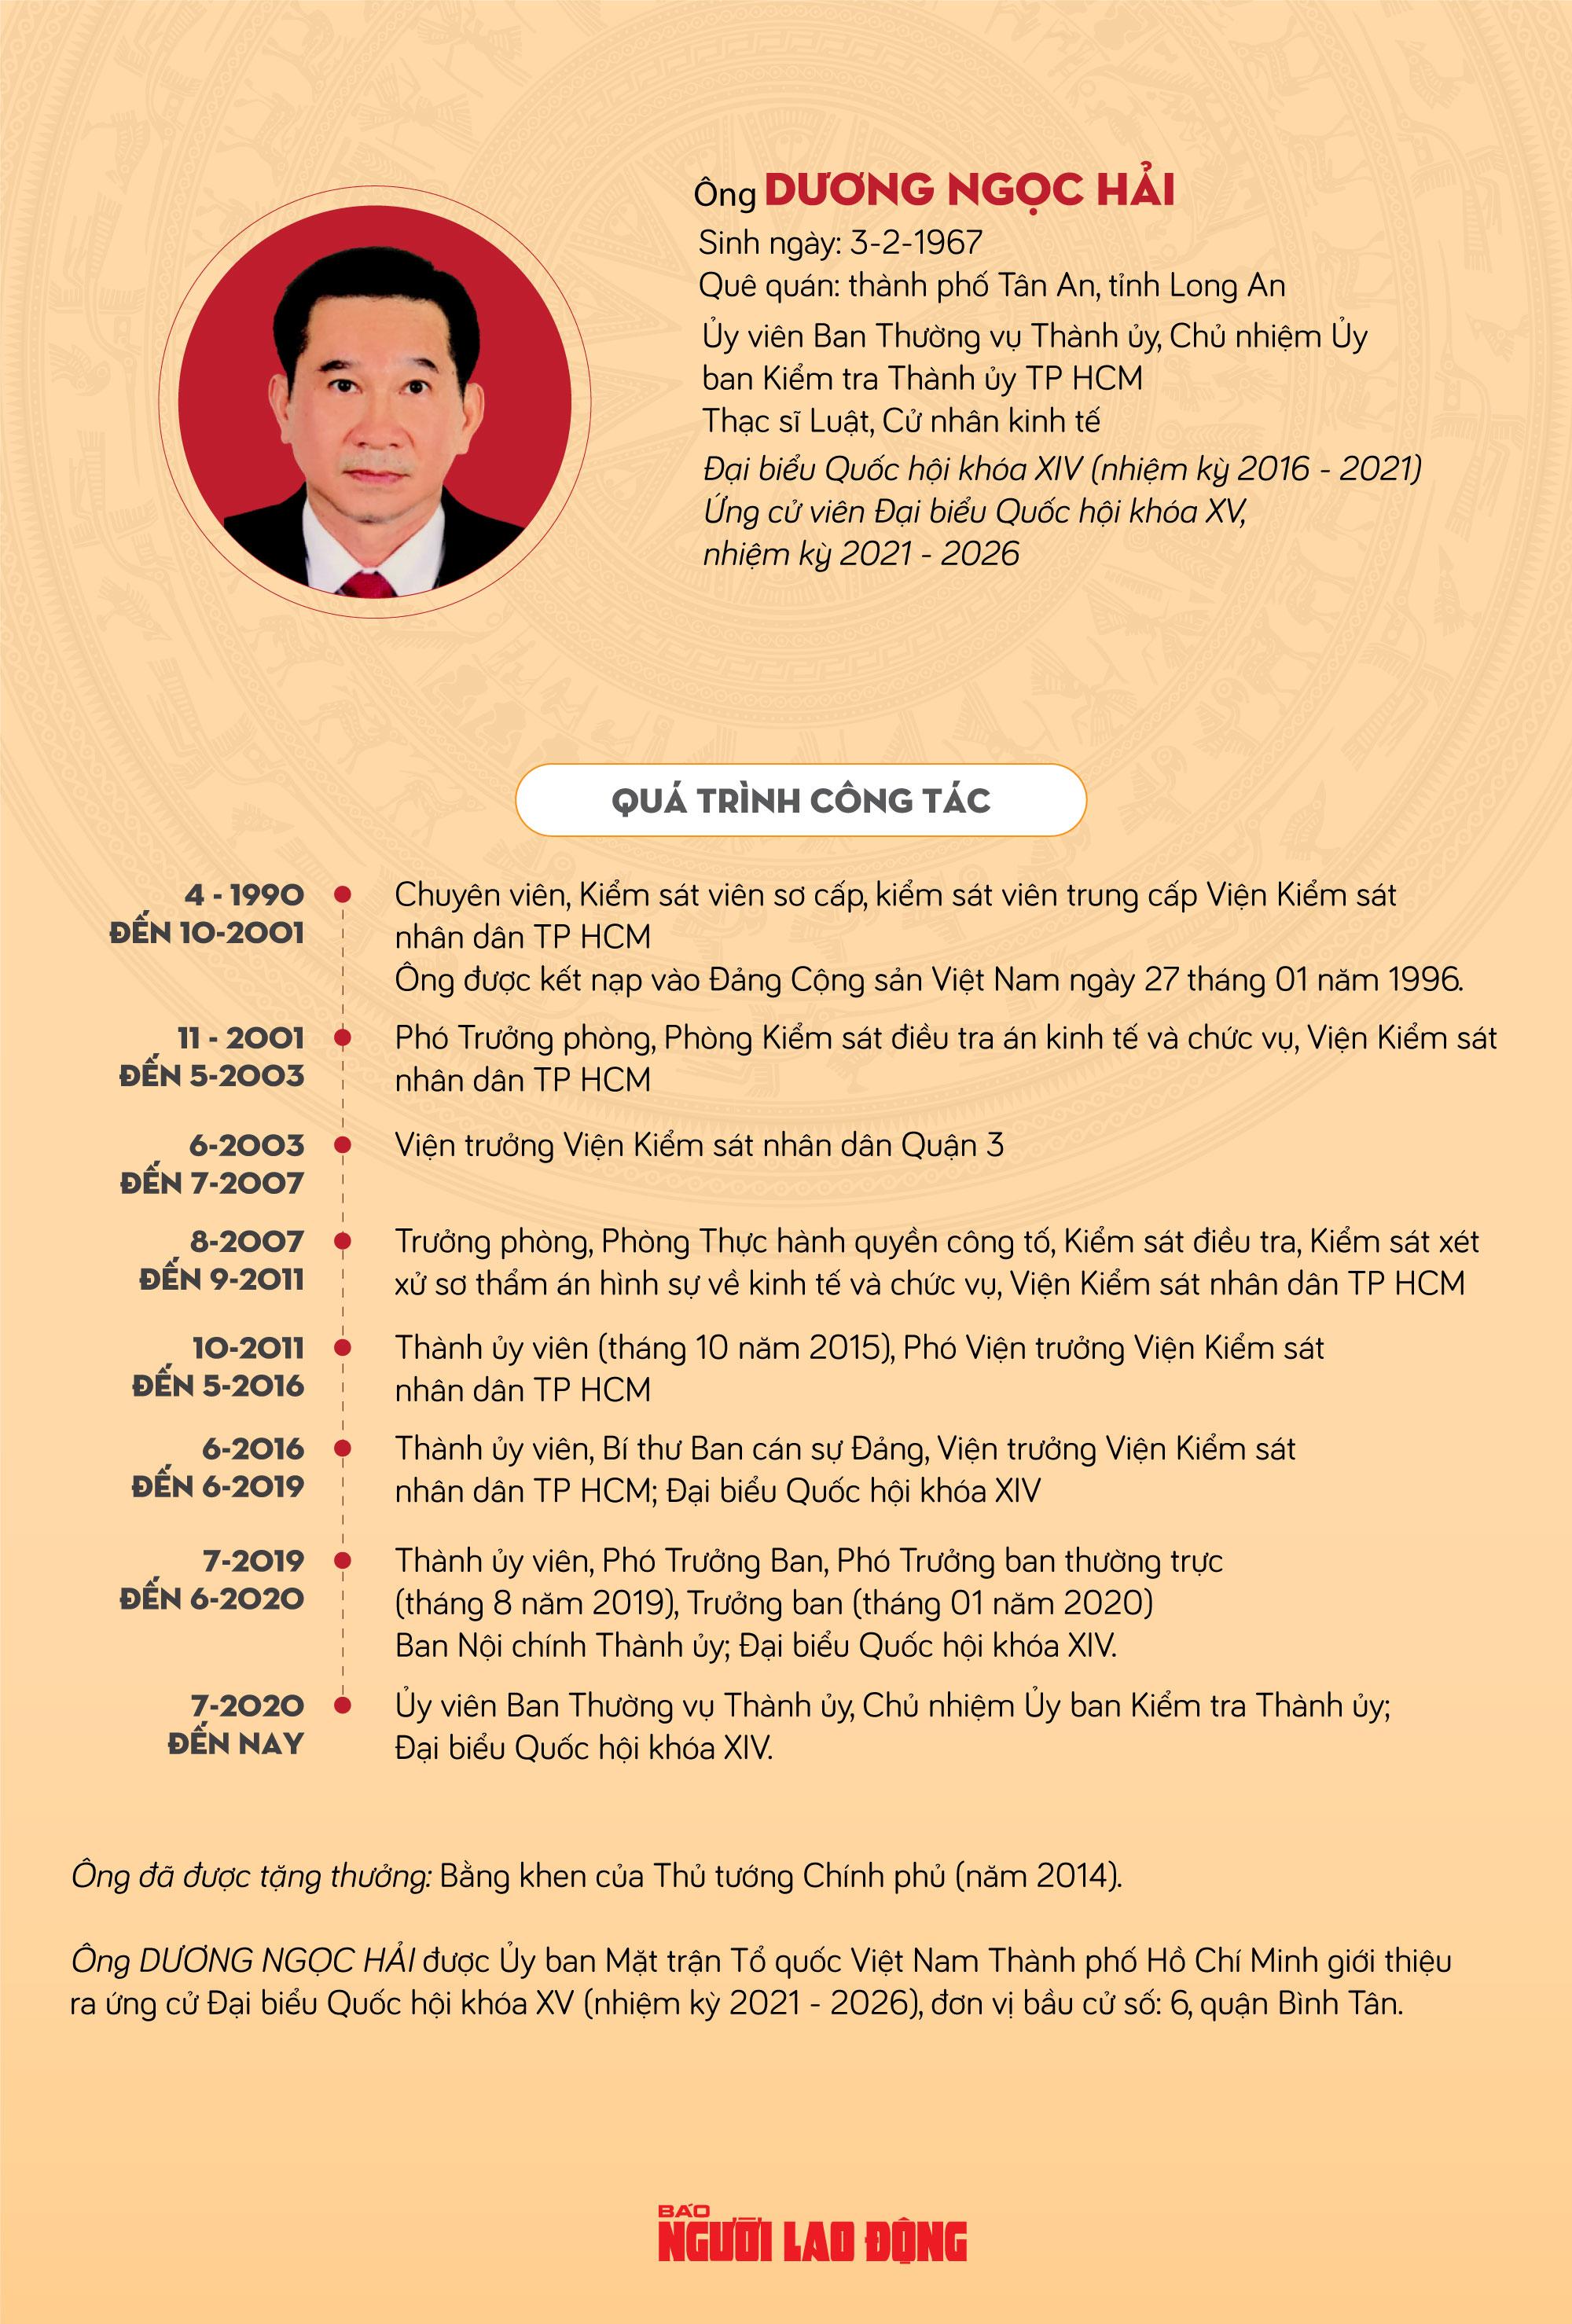 Ông Dương Ngọc Hải: Giám sát công tác cán bộ, chống chạy chức, chạy quyền - Ảnh 1.